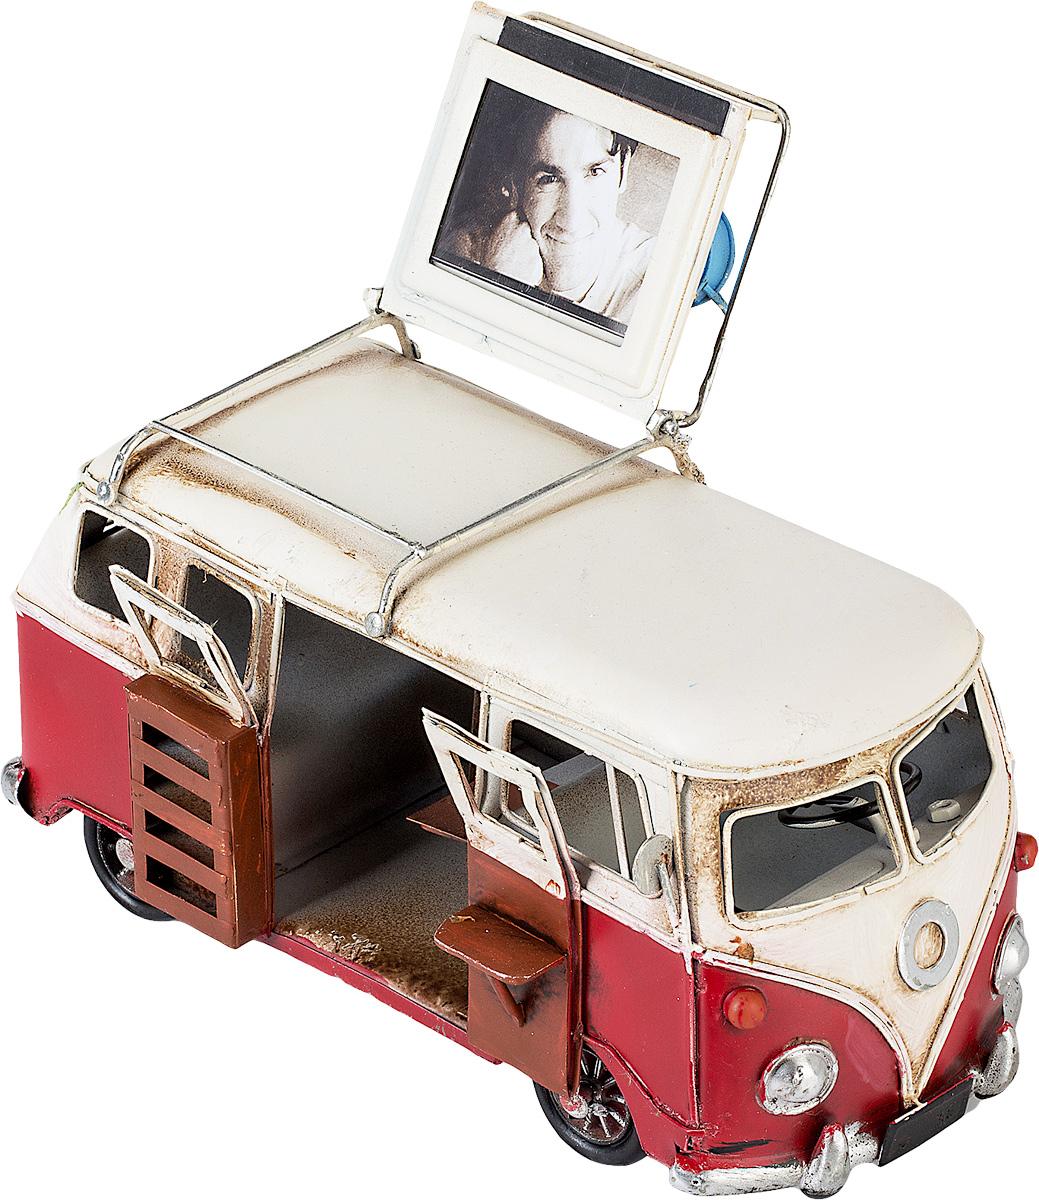 Модель Platinum Автобус, с фоторамкой. 1404E-43551404E-4355Модель Platinum Автобус, выполненная из металла, станет оригинальным украшением вашего интерьера. Вы можете поставить модель автобуса в любом месте, где она будет удачно смотреться. Изделие дополнено фоторамкой, куда вы можете вставить вашу любимую фотографию. Качество исполнения, точные детали и оригинальный дизайн выделяют эту модель среди ряда подобных. Модель займет достойное место в вашей коллекции, а также приятно удивит получателя в качестве стильного сувенира. Размер фотографии: 4 х 5 см.